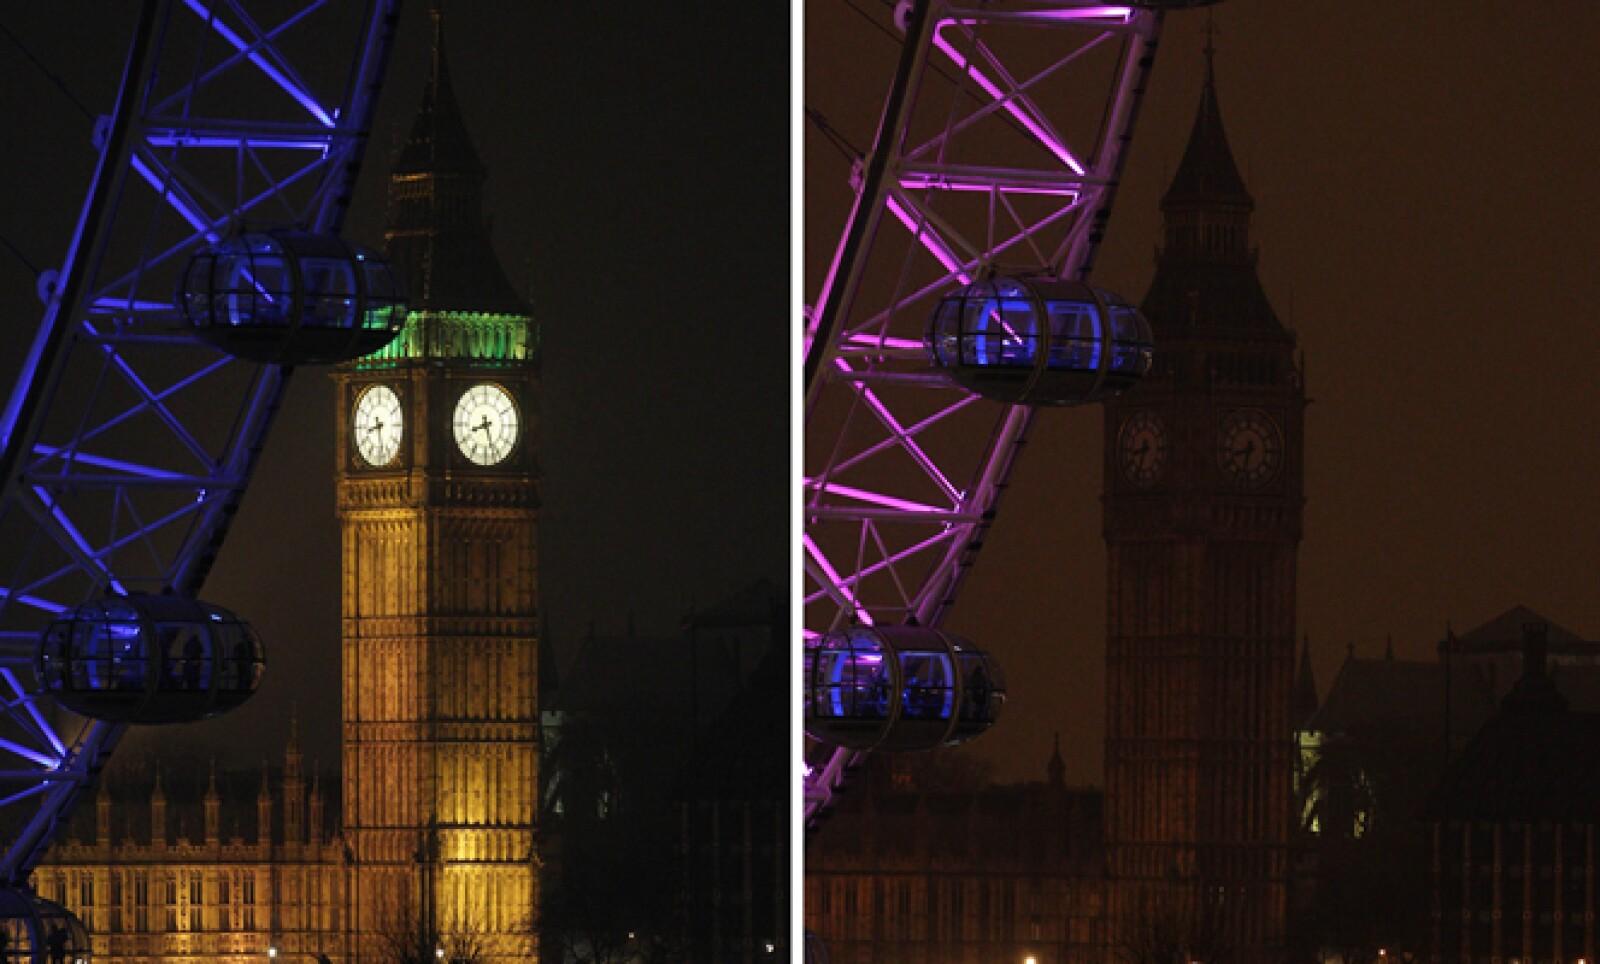 Parte de la Torre Isabel, que alberga el Big Ben en la Cámara del Parlamento de Londres. La iniciativa busca llamar la atención sobre el cambio climático.